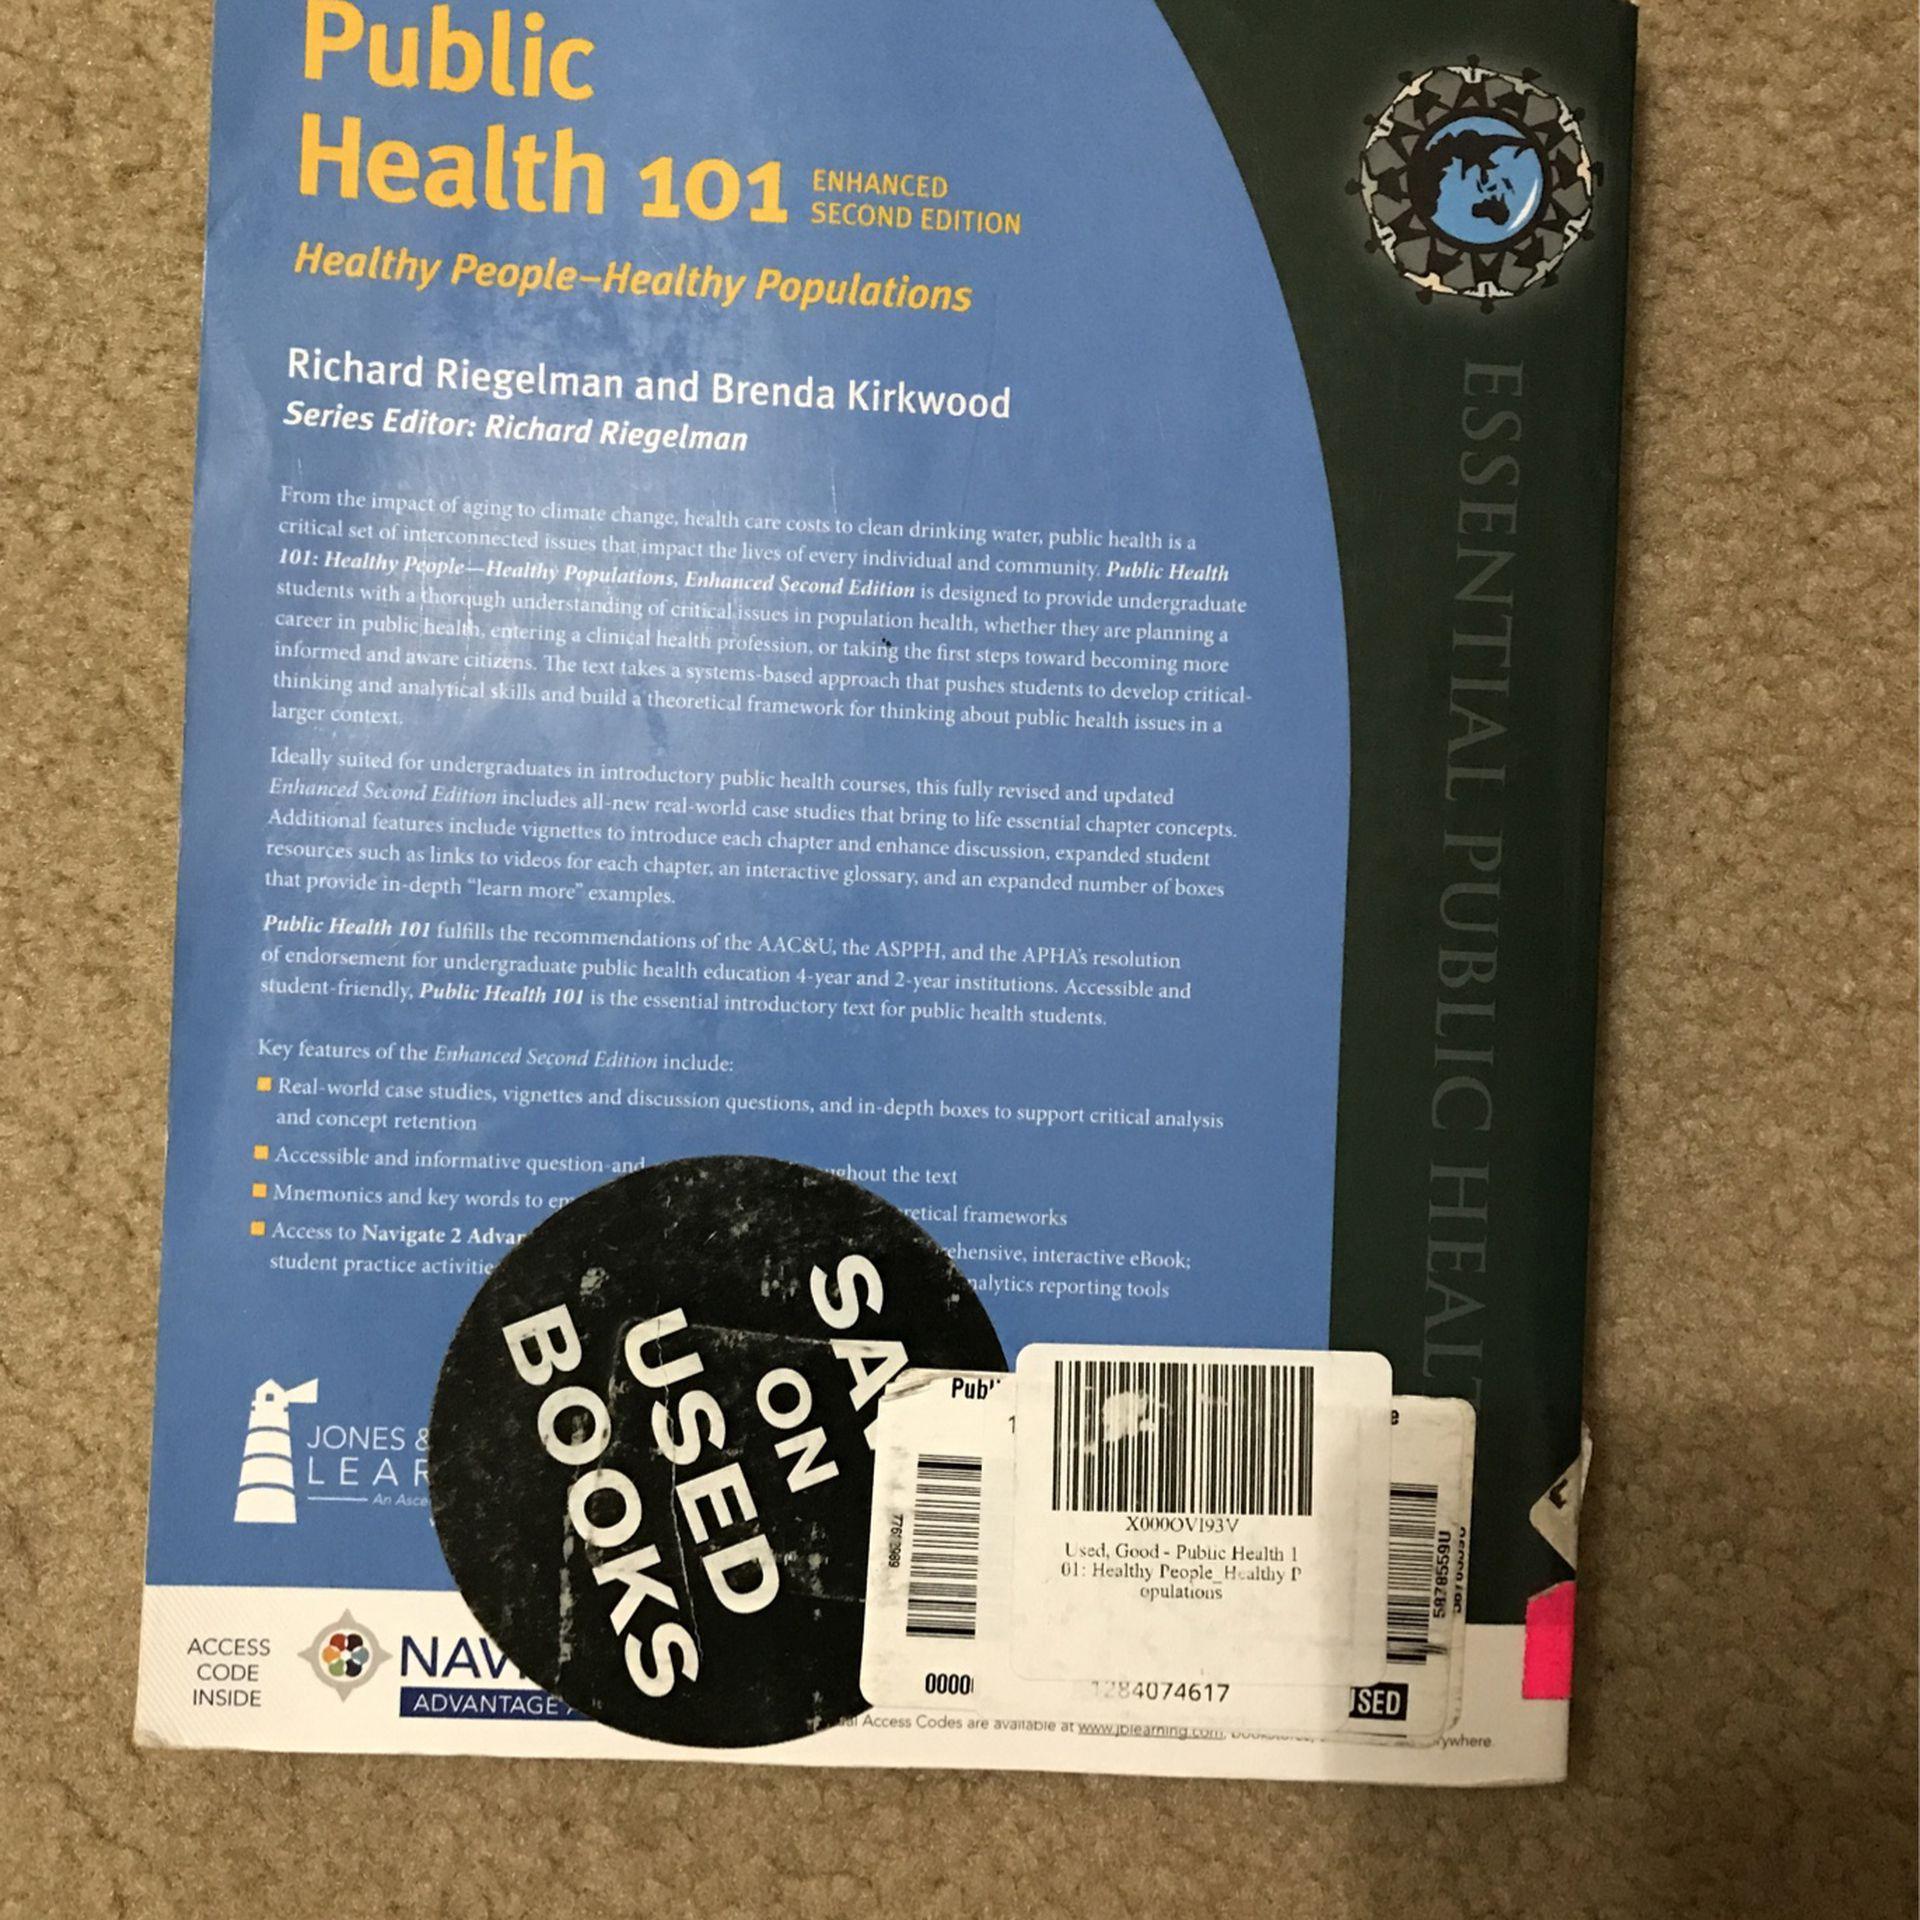 Public Health 101 Healthy People Healthy Population